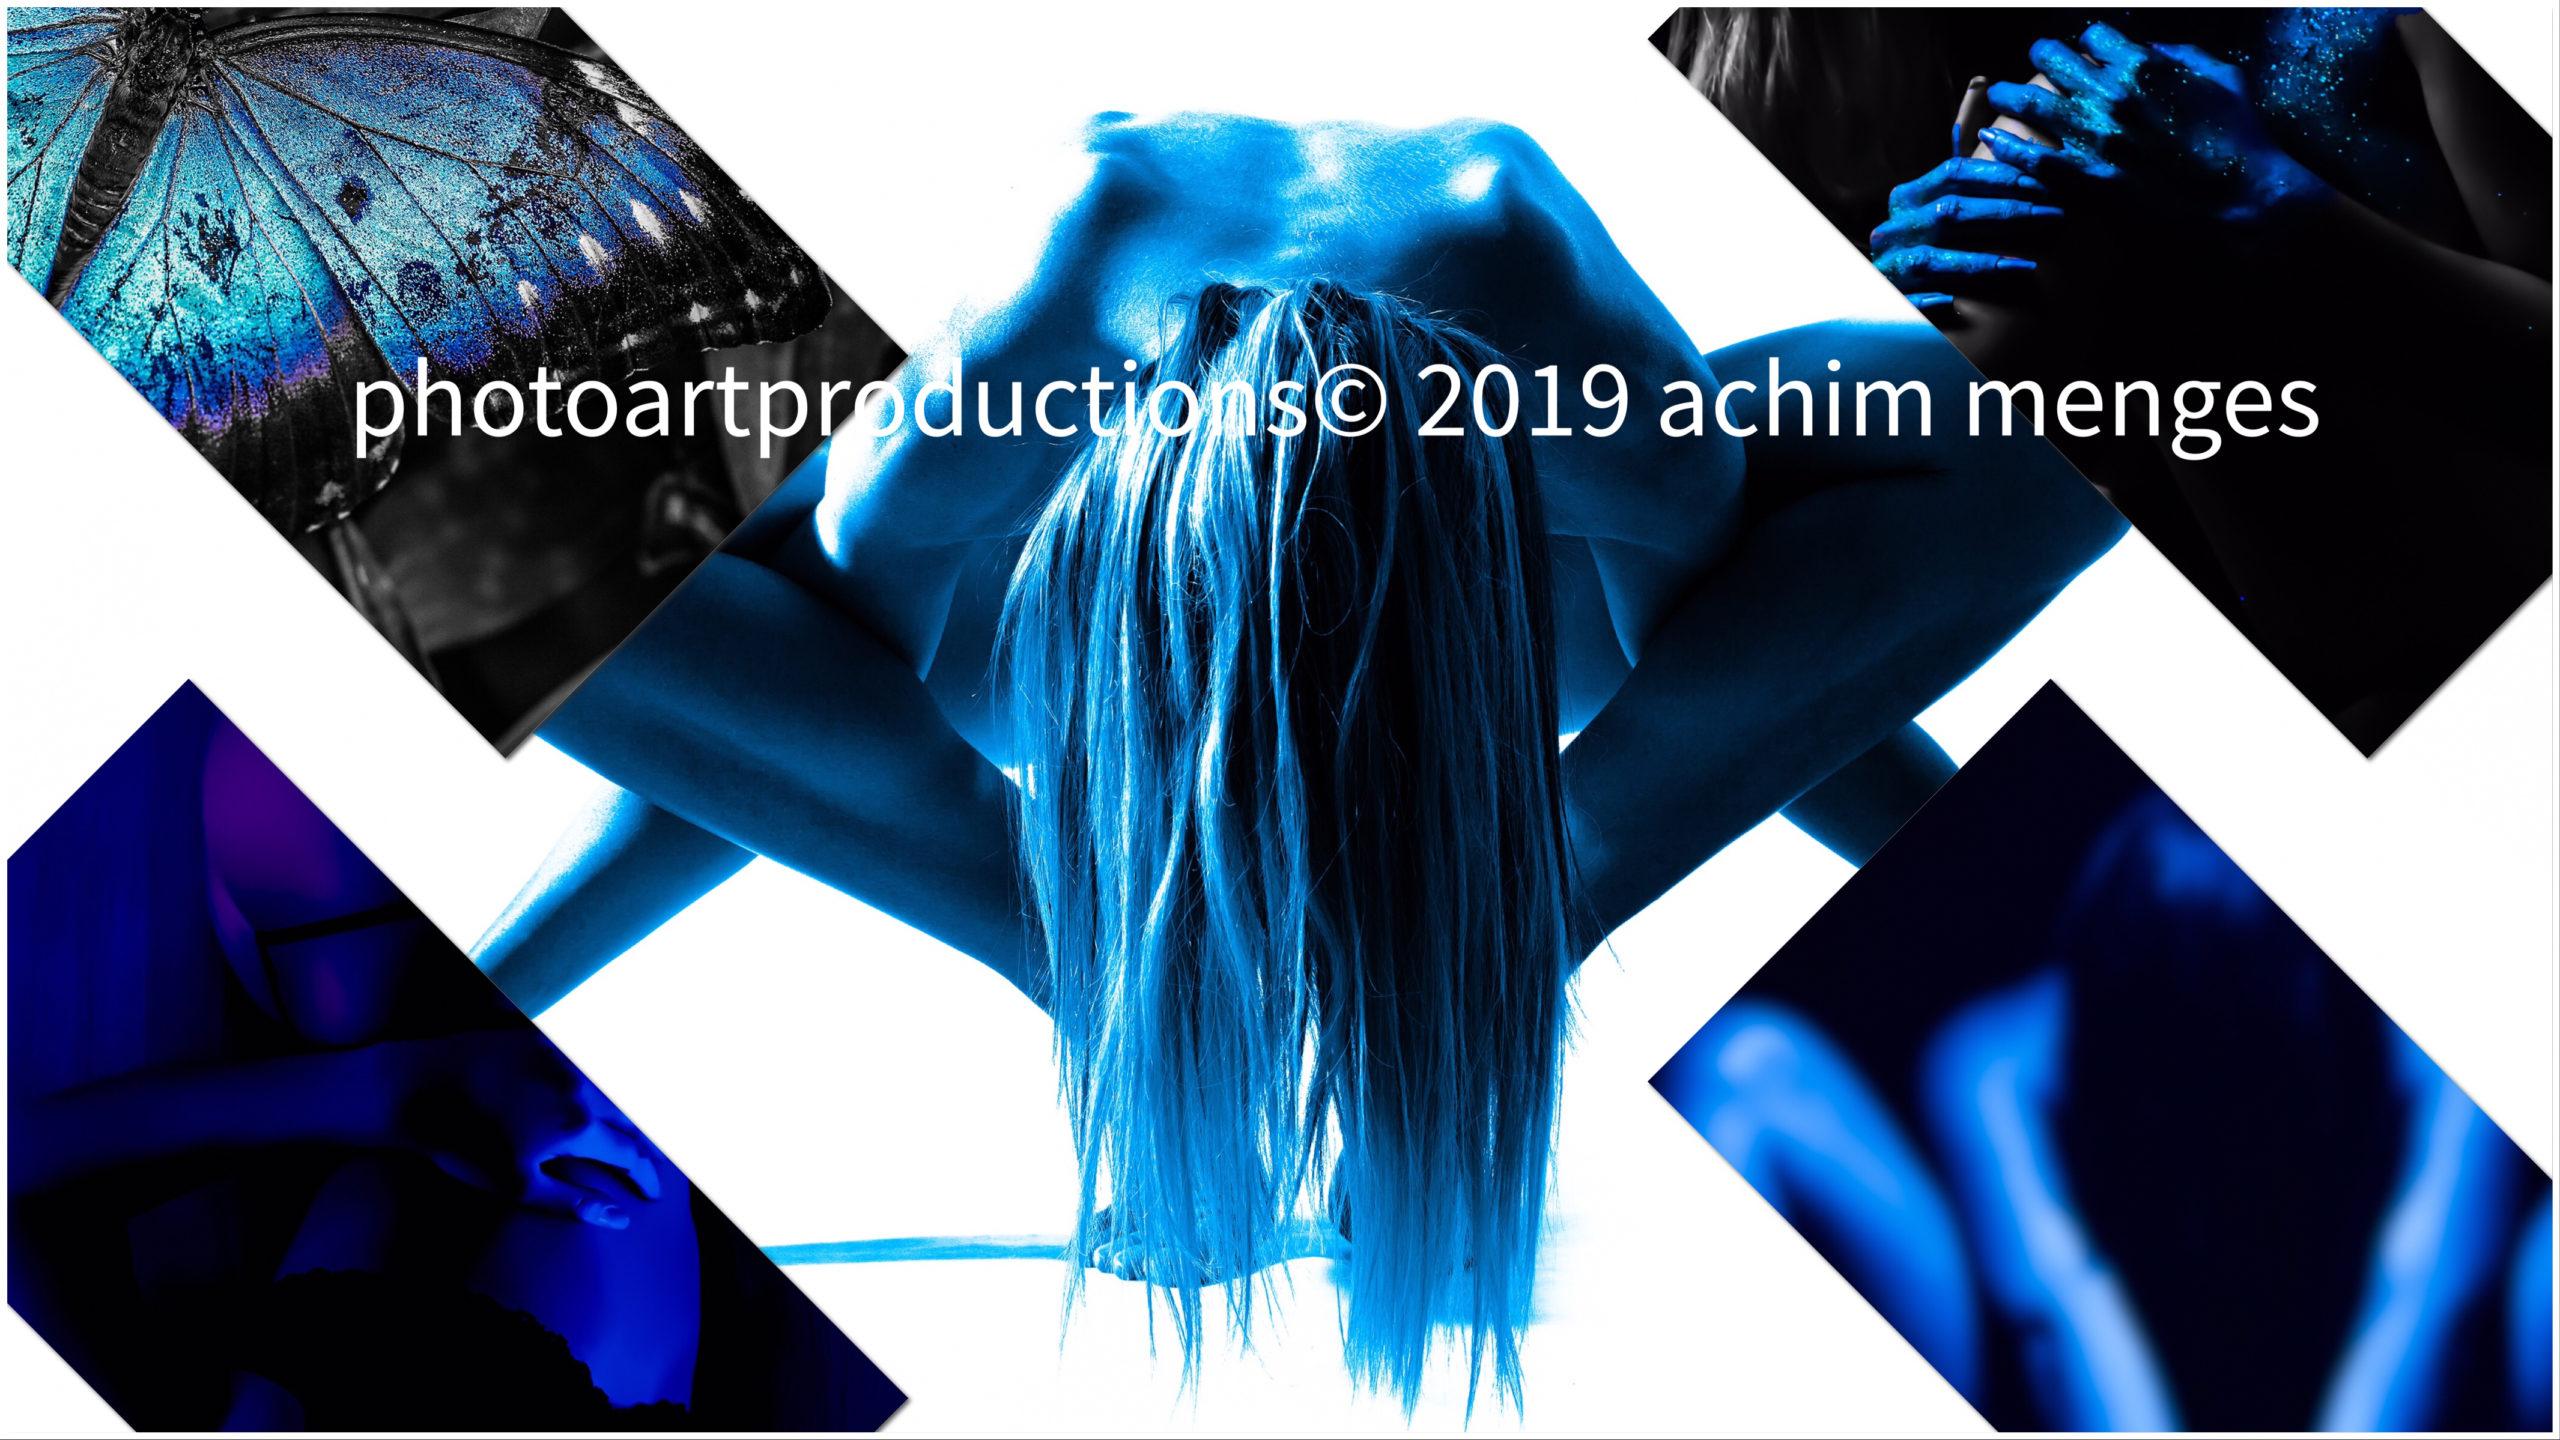 photoartproductions.com